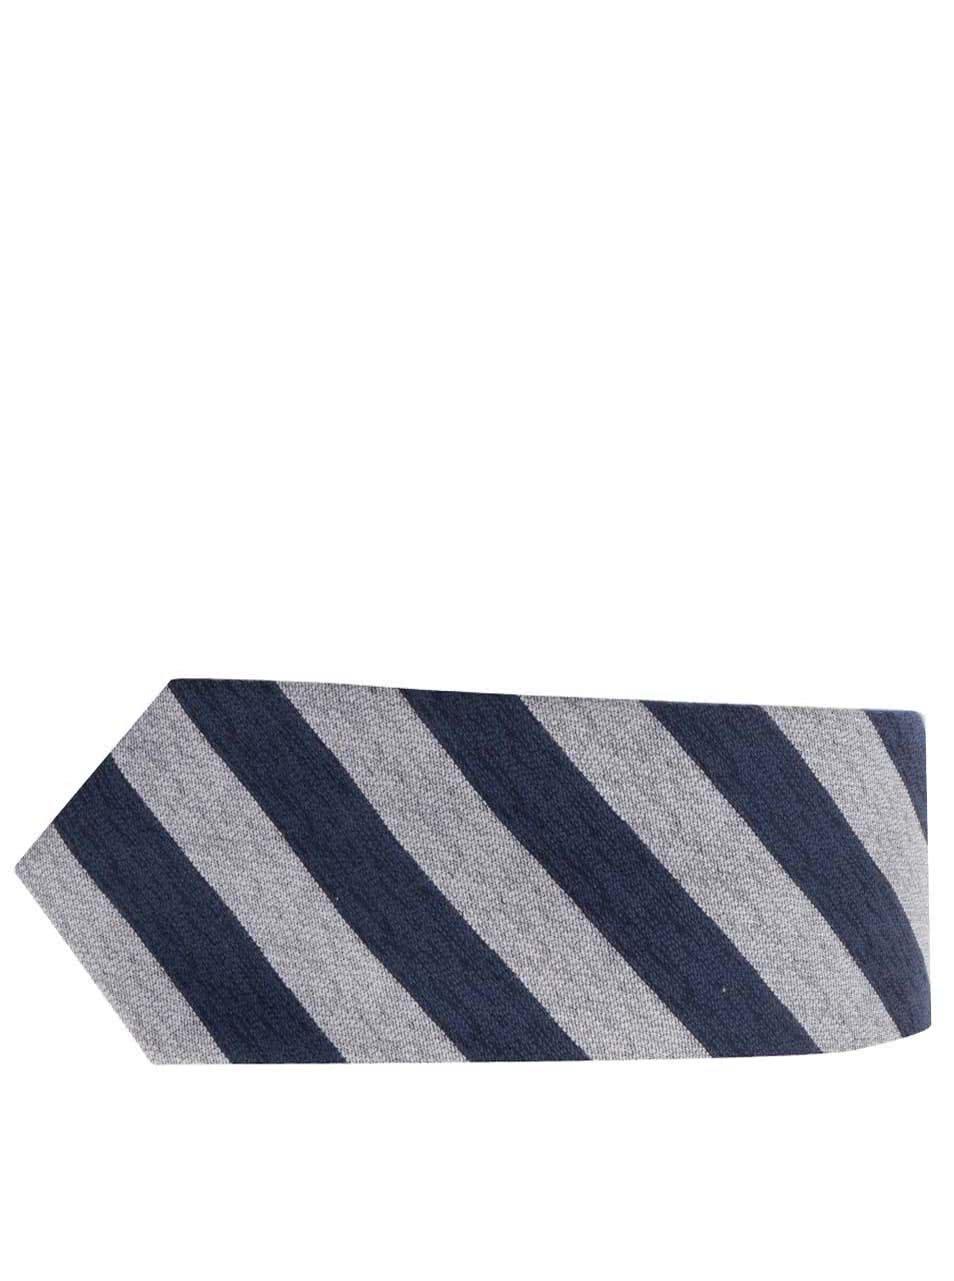 Modro-šedá pruhovaná hedvábná kravata Selected Homme Nolan